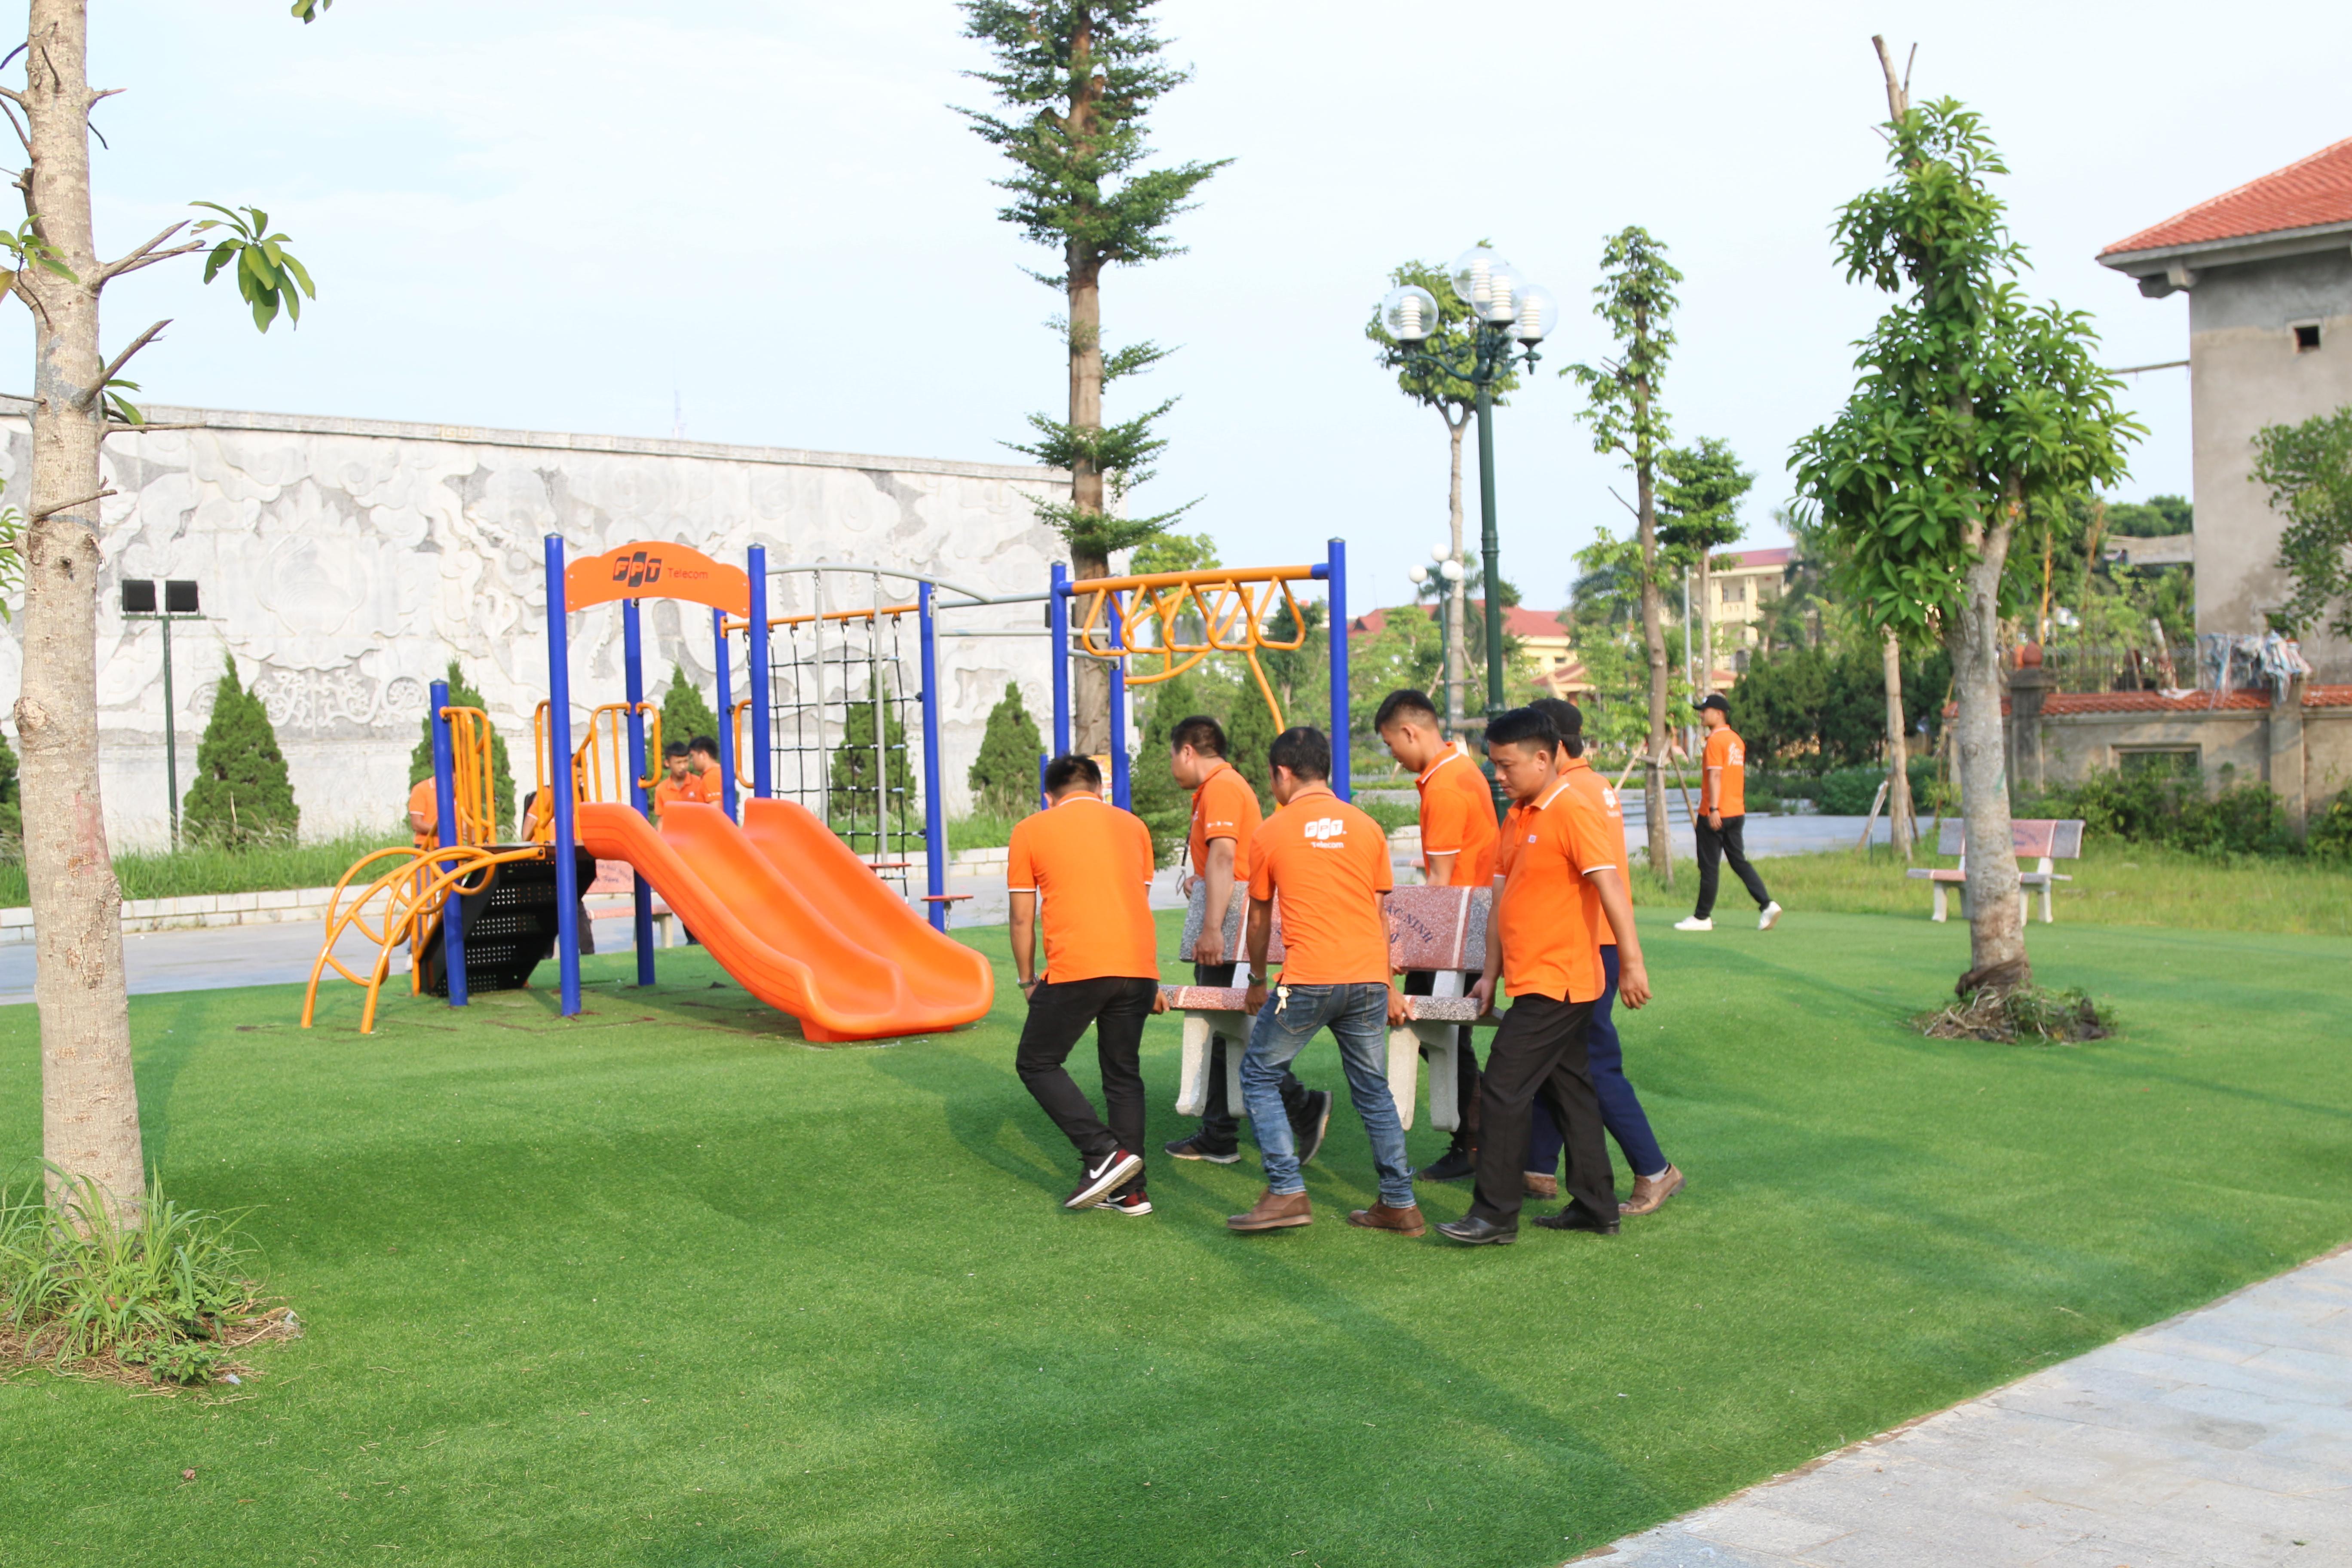 Từ đầu giờ chiều, CBNV FPT Telecom Bắc Ninh cùng kê lại hàng ghế đá xung quanh sân chơi, dọn dẹp lại khu sân chơi ngay ngắn, thẳng đẹp. Theo Ban tổ chức, việc xây dựng sân chơi cho trẻ em của chiến dịch FoxStep đã nhận được sự quan tâm và ủng hộ của nhiều địa phương trên khắp các tỉnh thành Việt Nam.